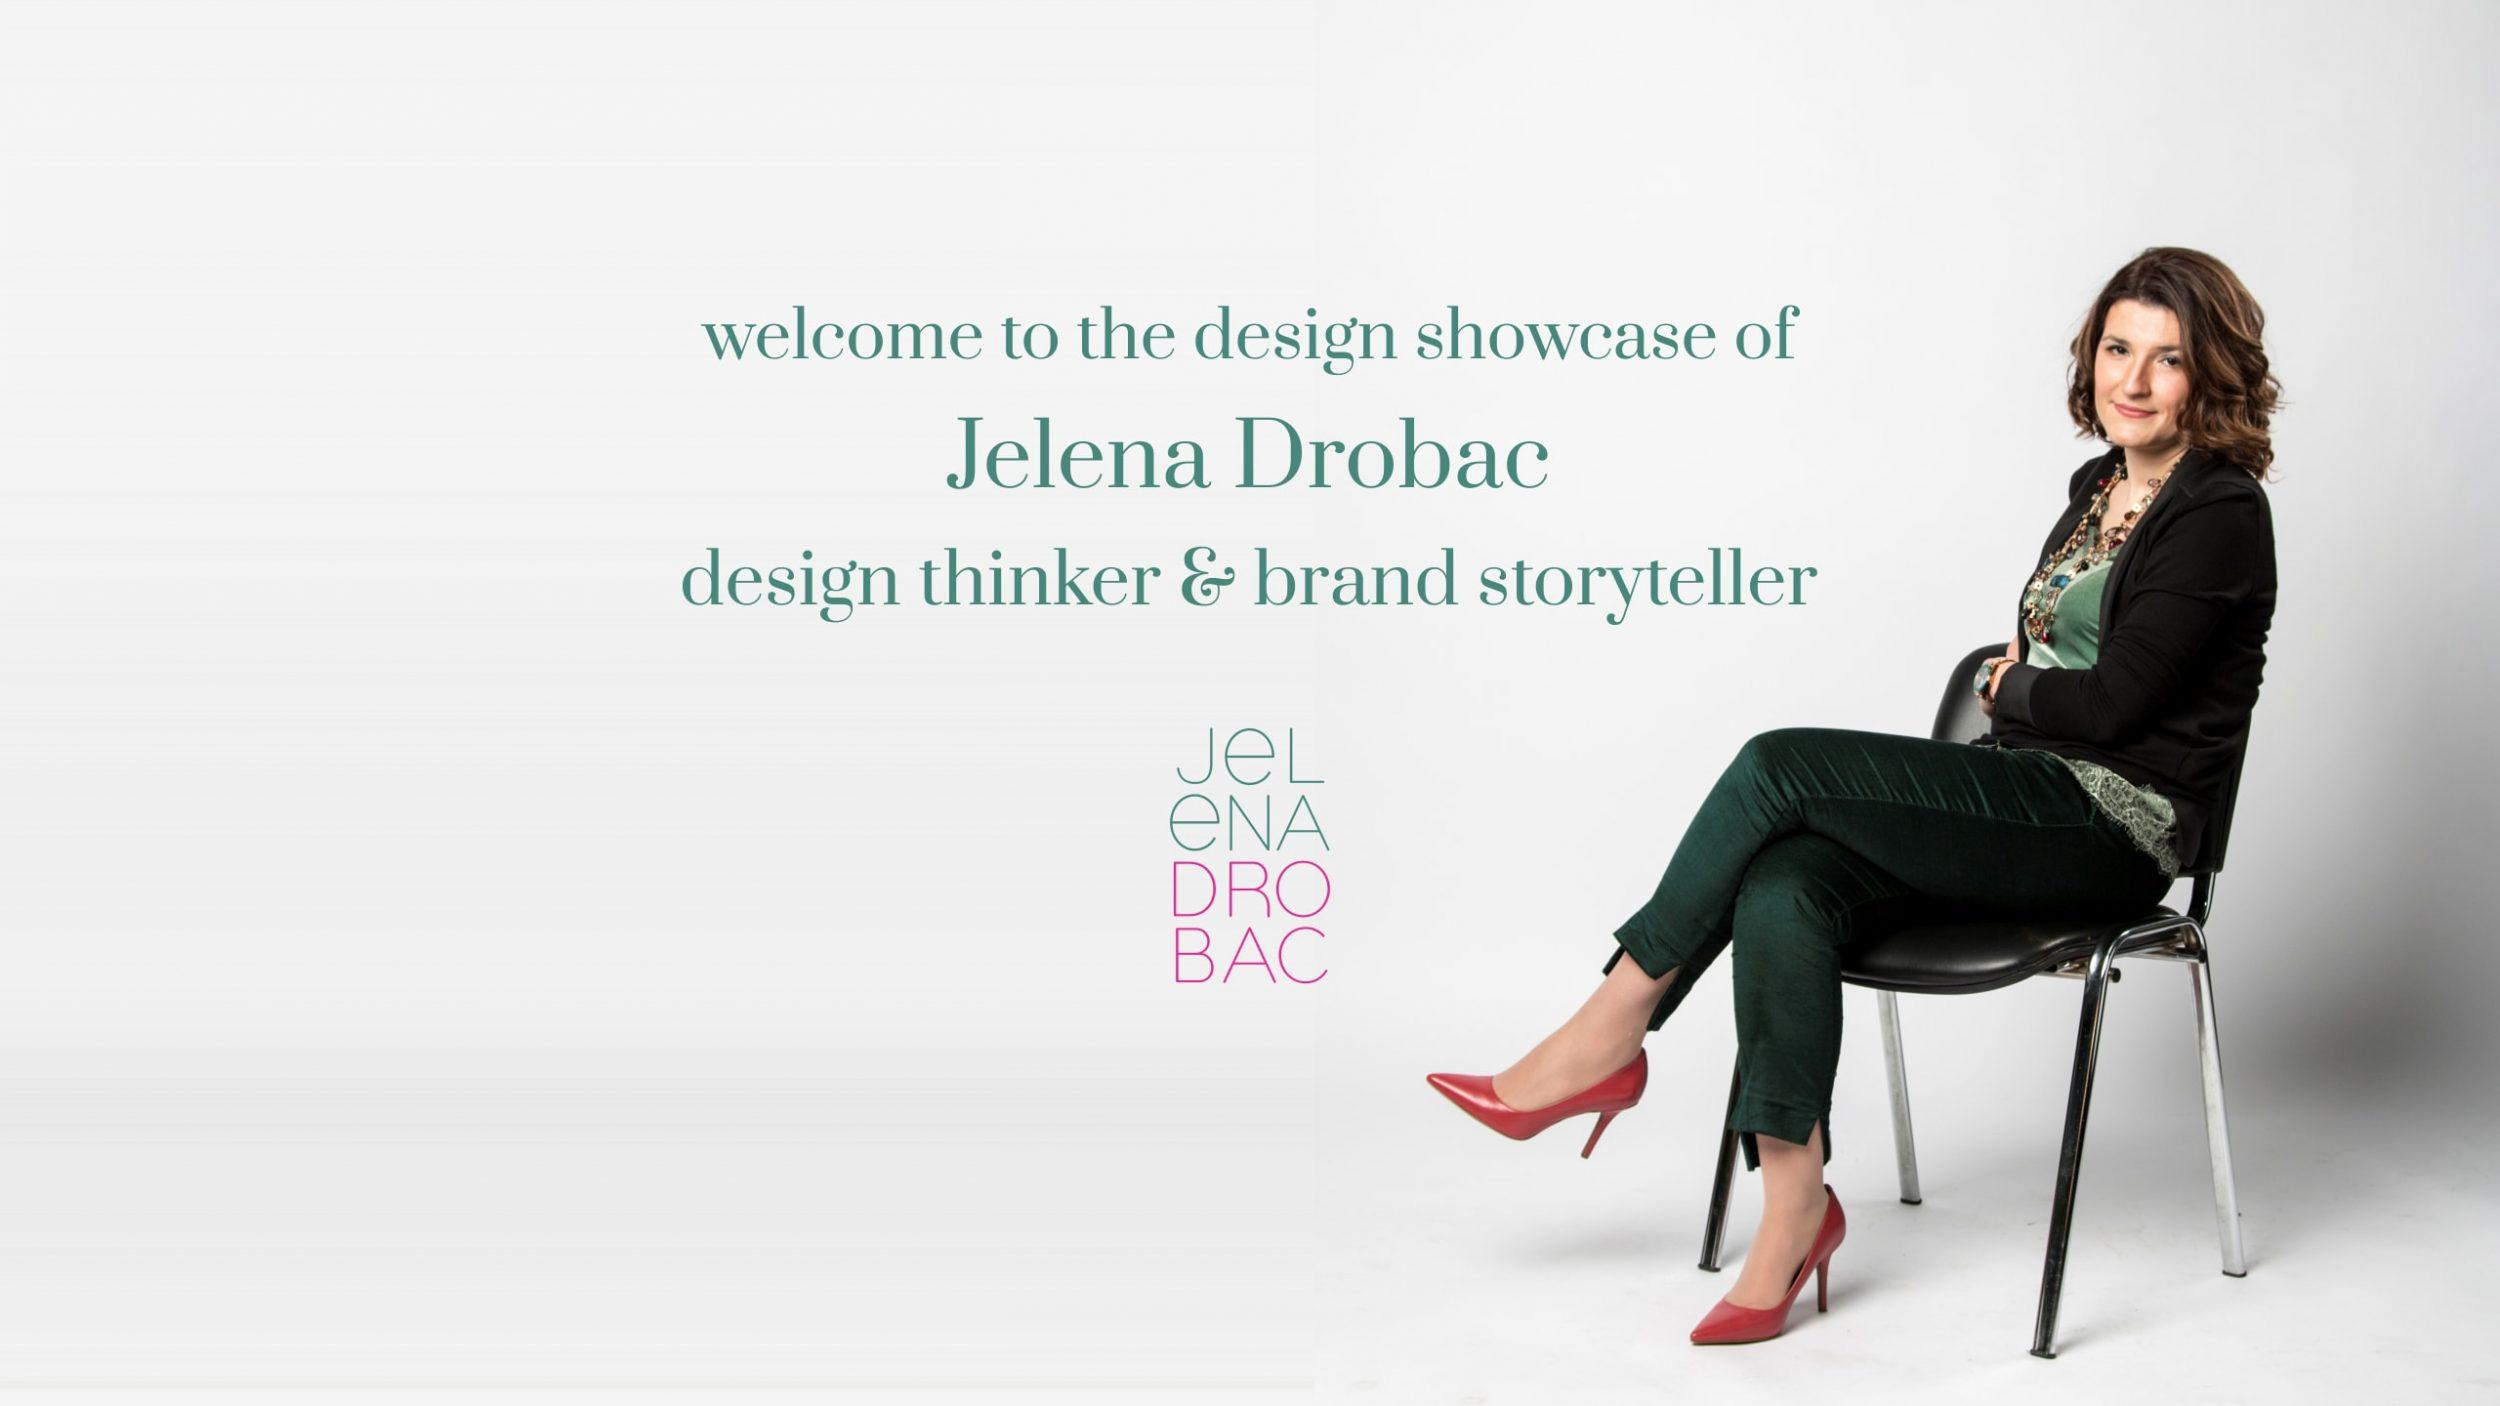 Jelena Drobac